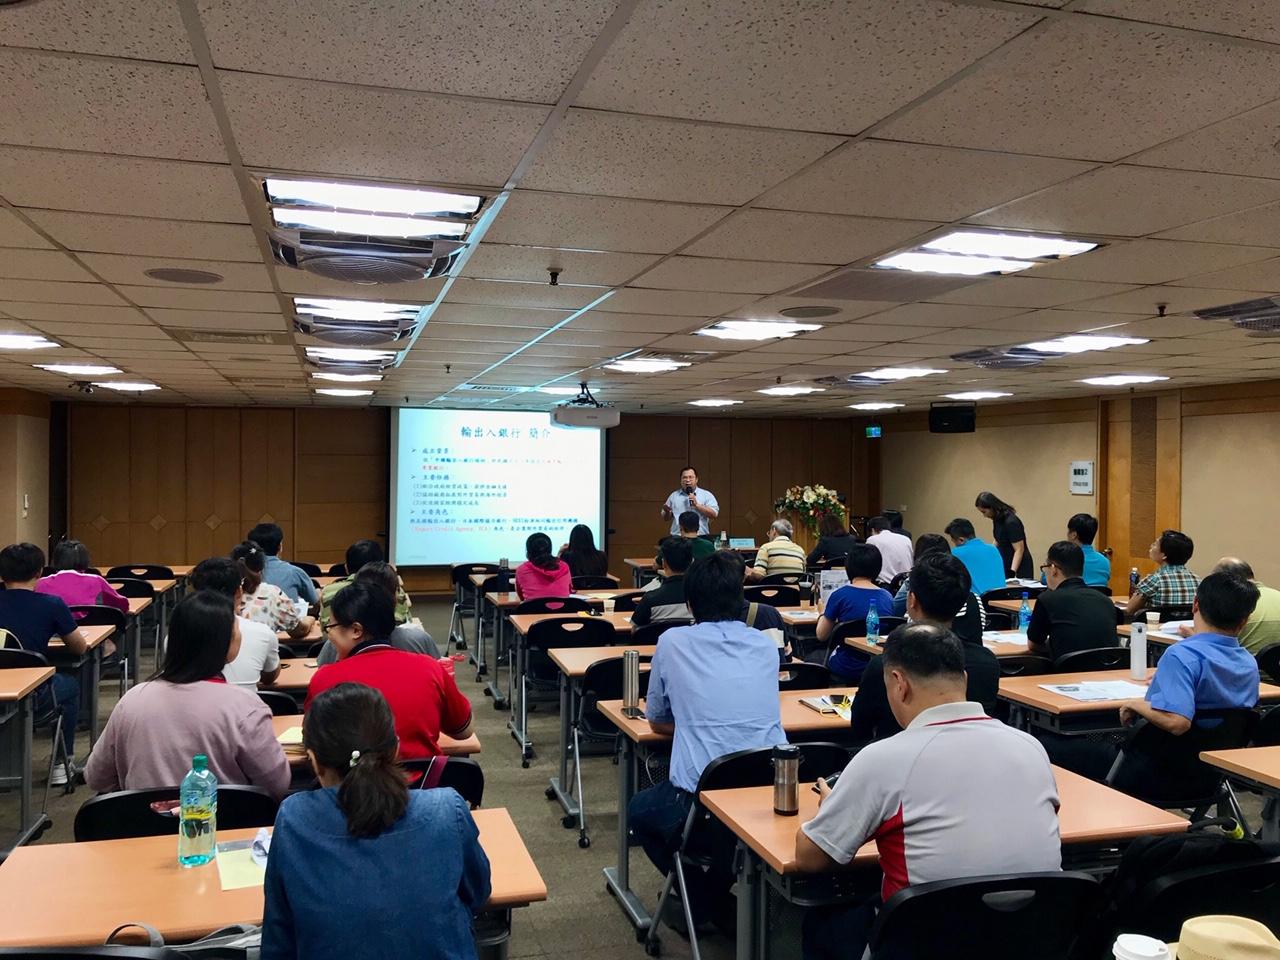 圖片說明-台南分行於9月18日與經濟部國貿局、貿協台南辦事處合辦『精準行銷--「不景氣下的中小企業競爭策略」』研討會